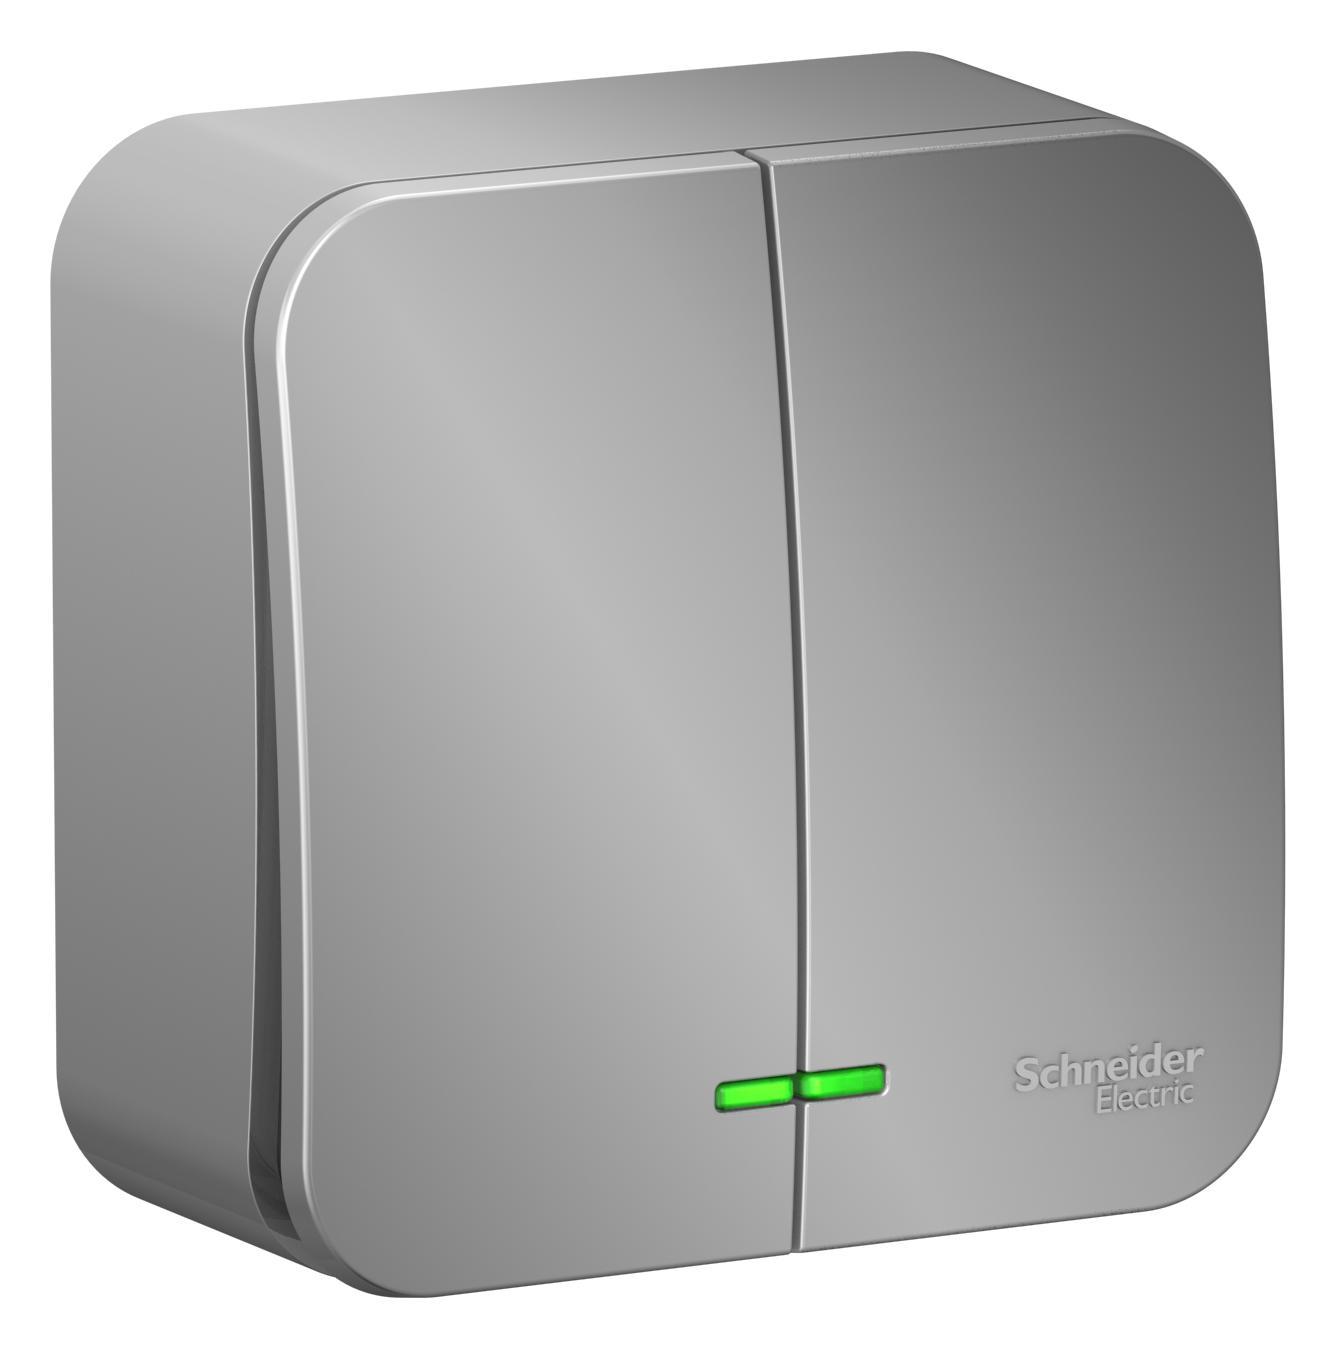 Выключатель Schneider electric Blnva105103 blanca выключатель schneider electric blnva101013 blanca